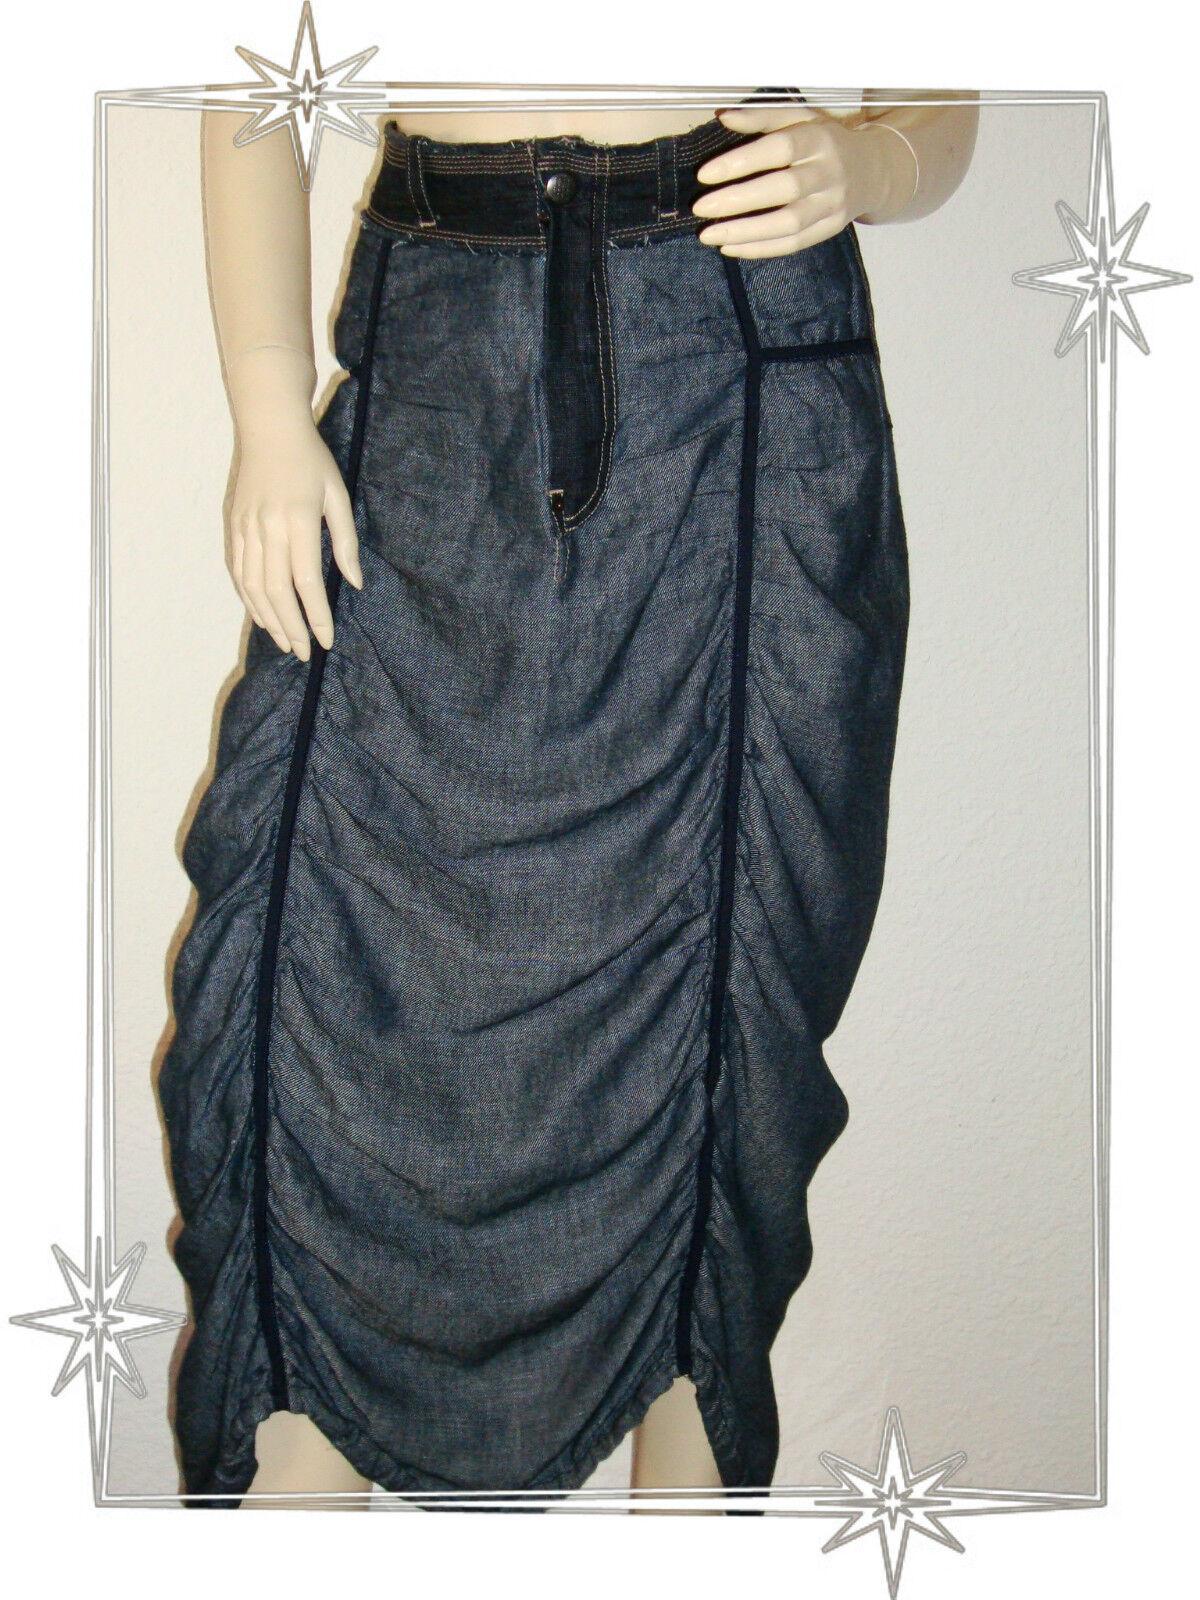 A- Very Nice Skirt Fancy Long Frilly Marithé François Girbaud MFG T 34